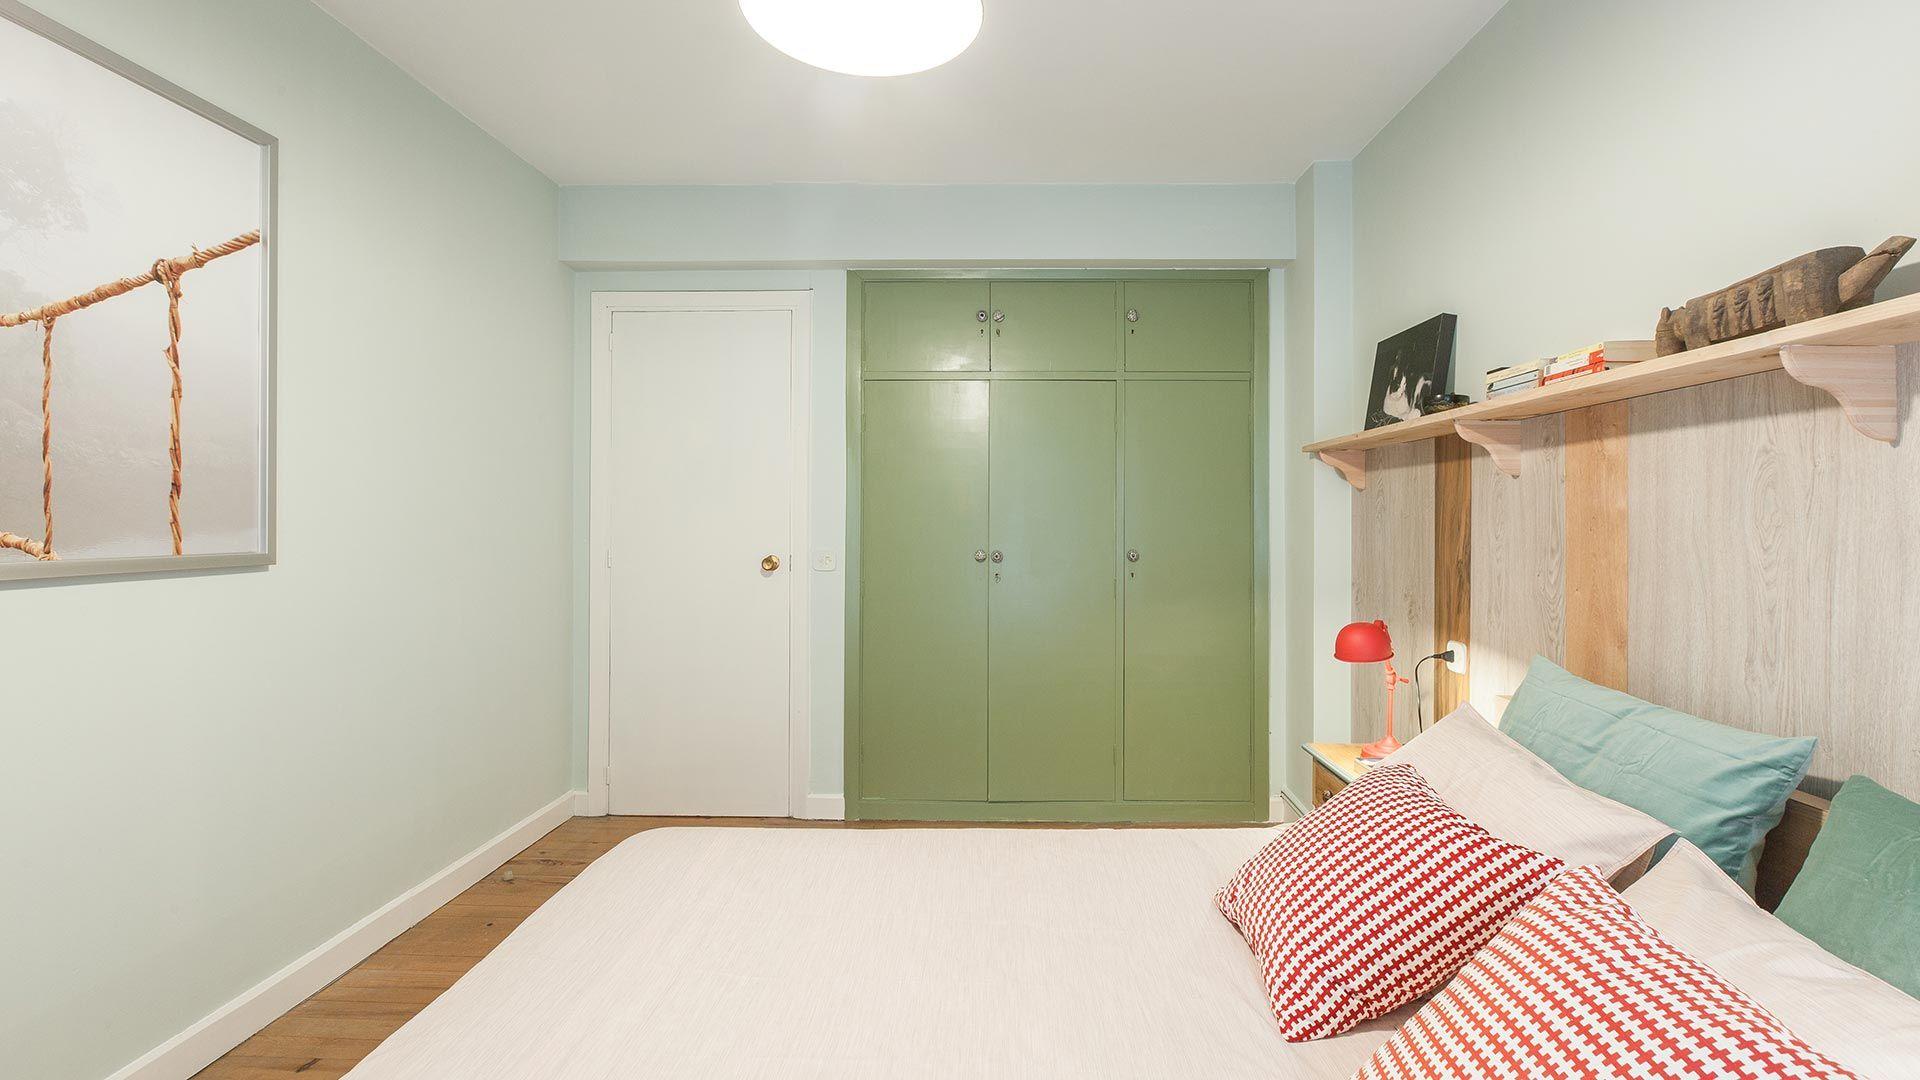 Pintar el armario empotrado de verde para un toque masculino y juvenil